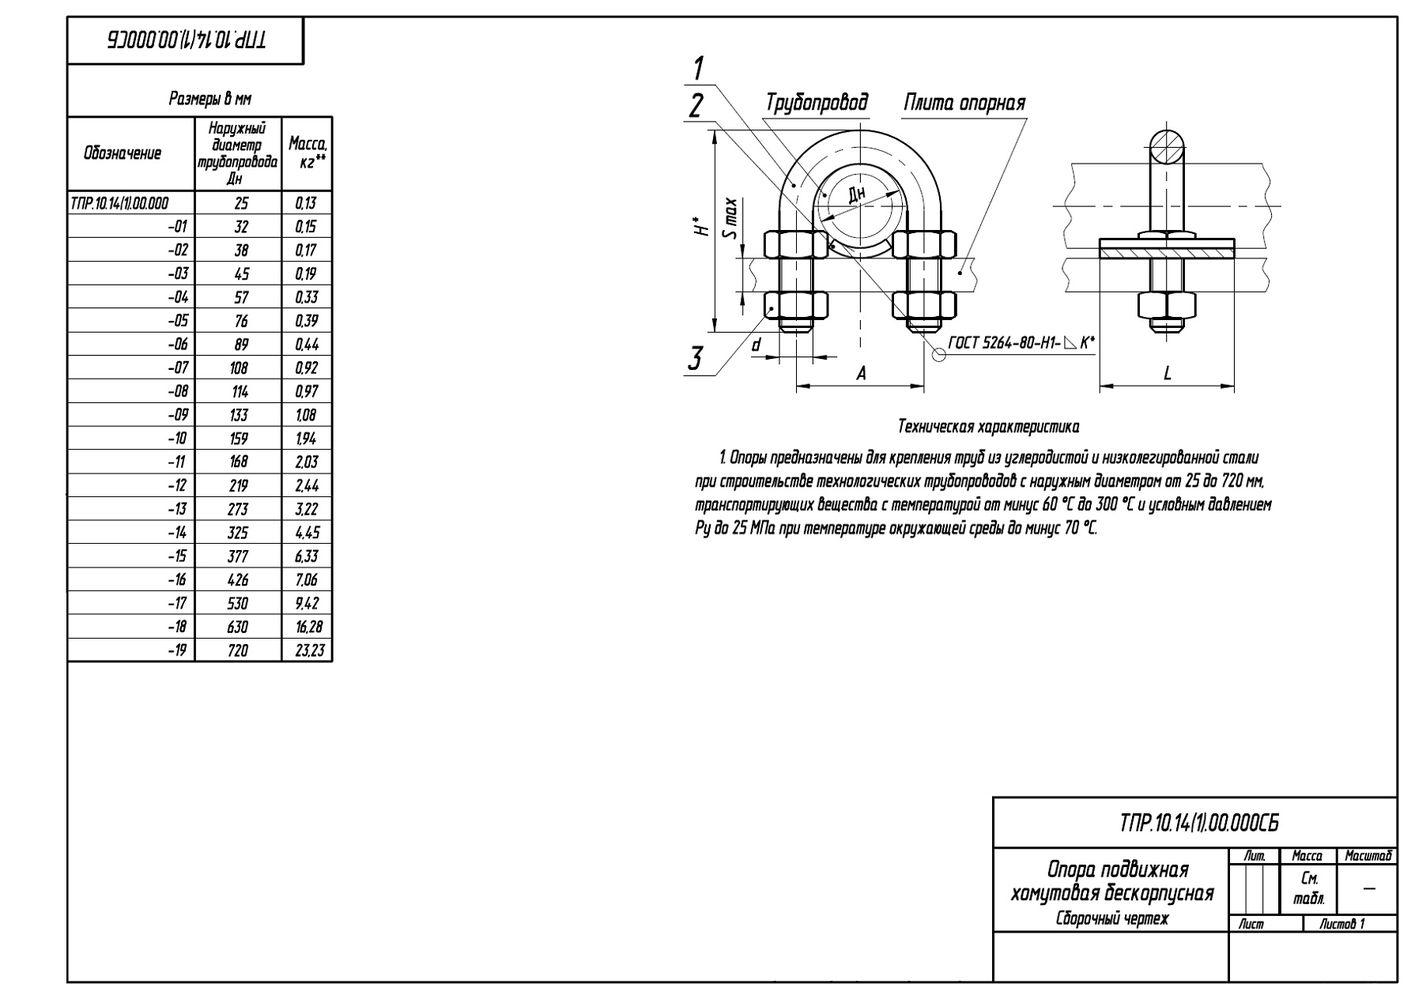 ТПР.10.14(1).00.000 Опоры подвижные хомутовые бескорпусные трубопроводов Дн 25-720 мм